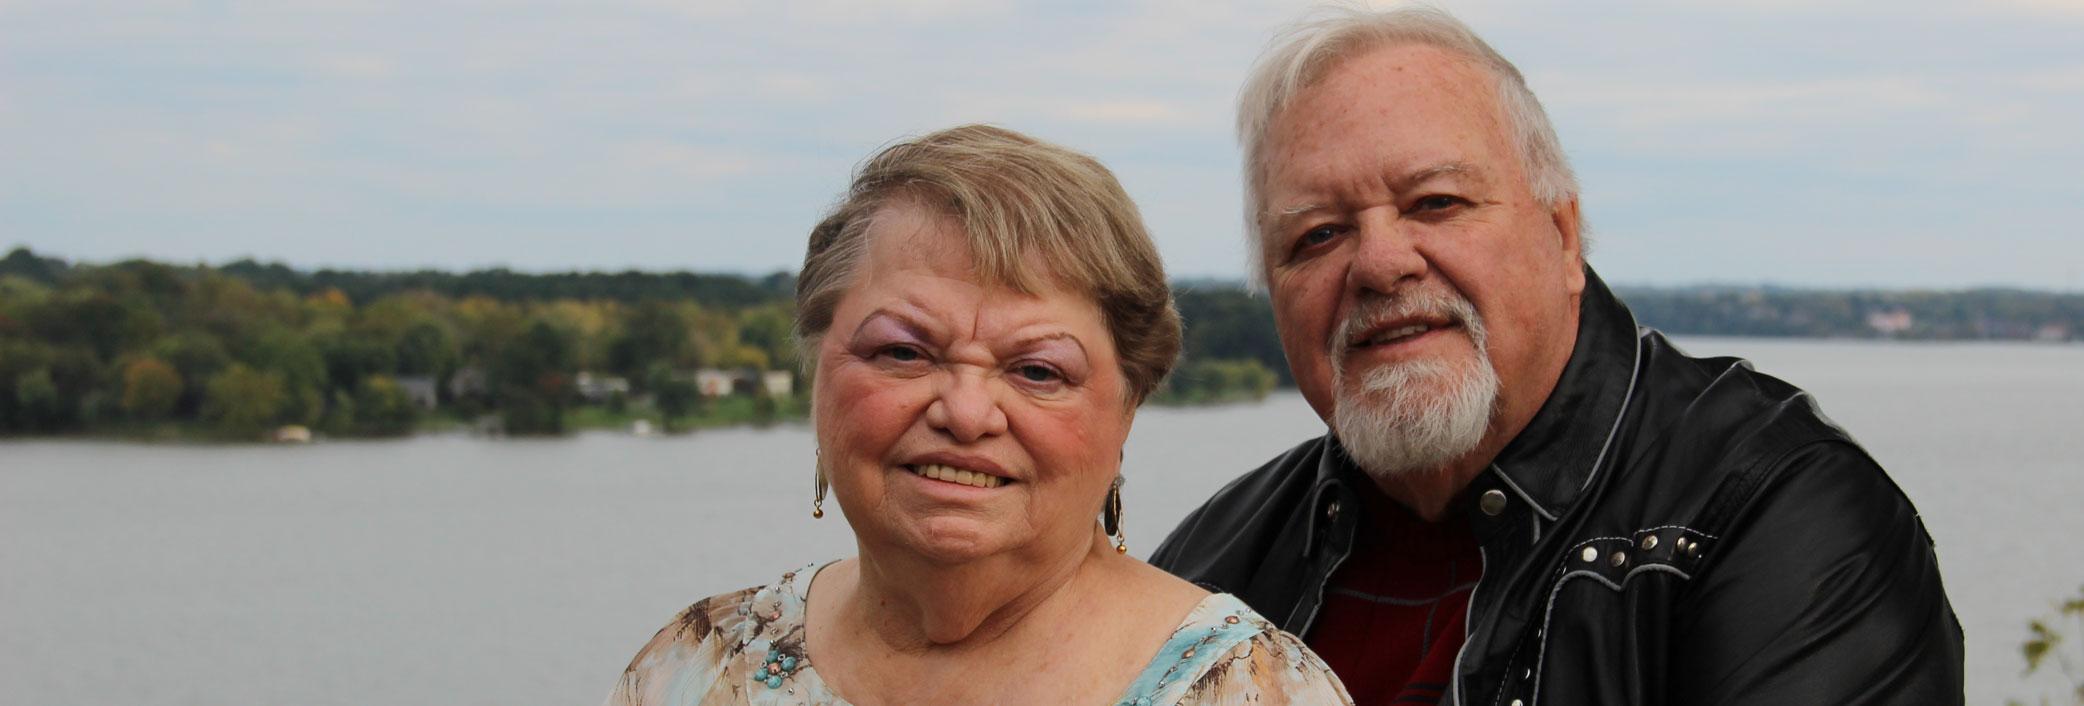 Ray and Lynn